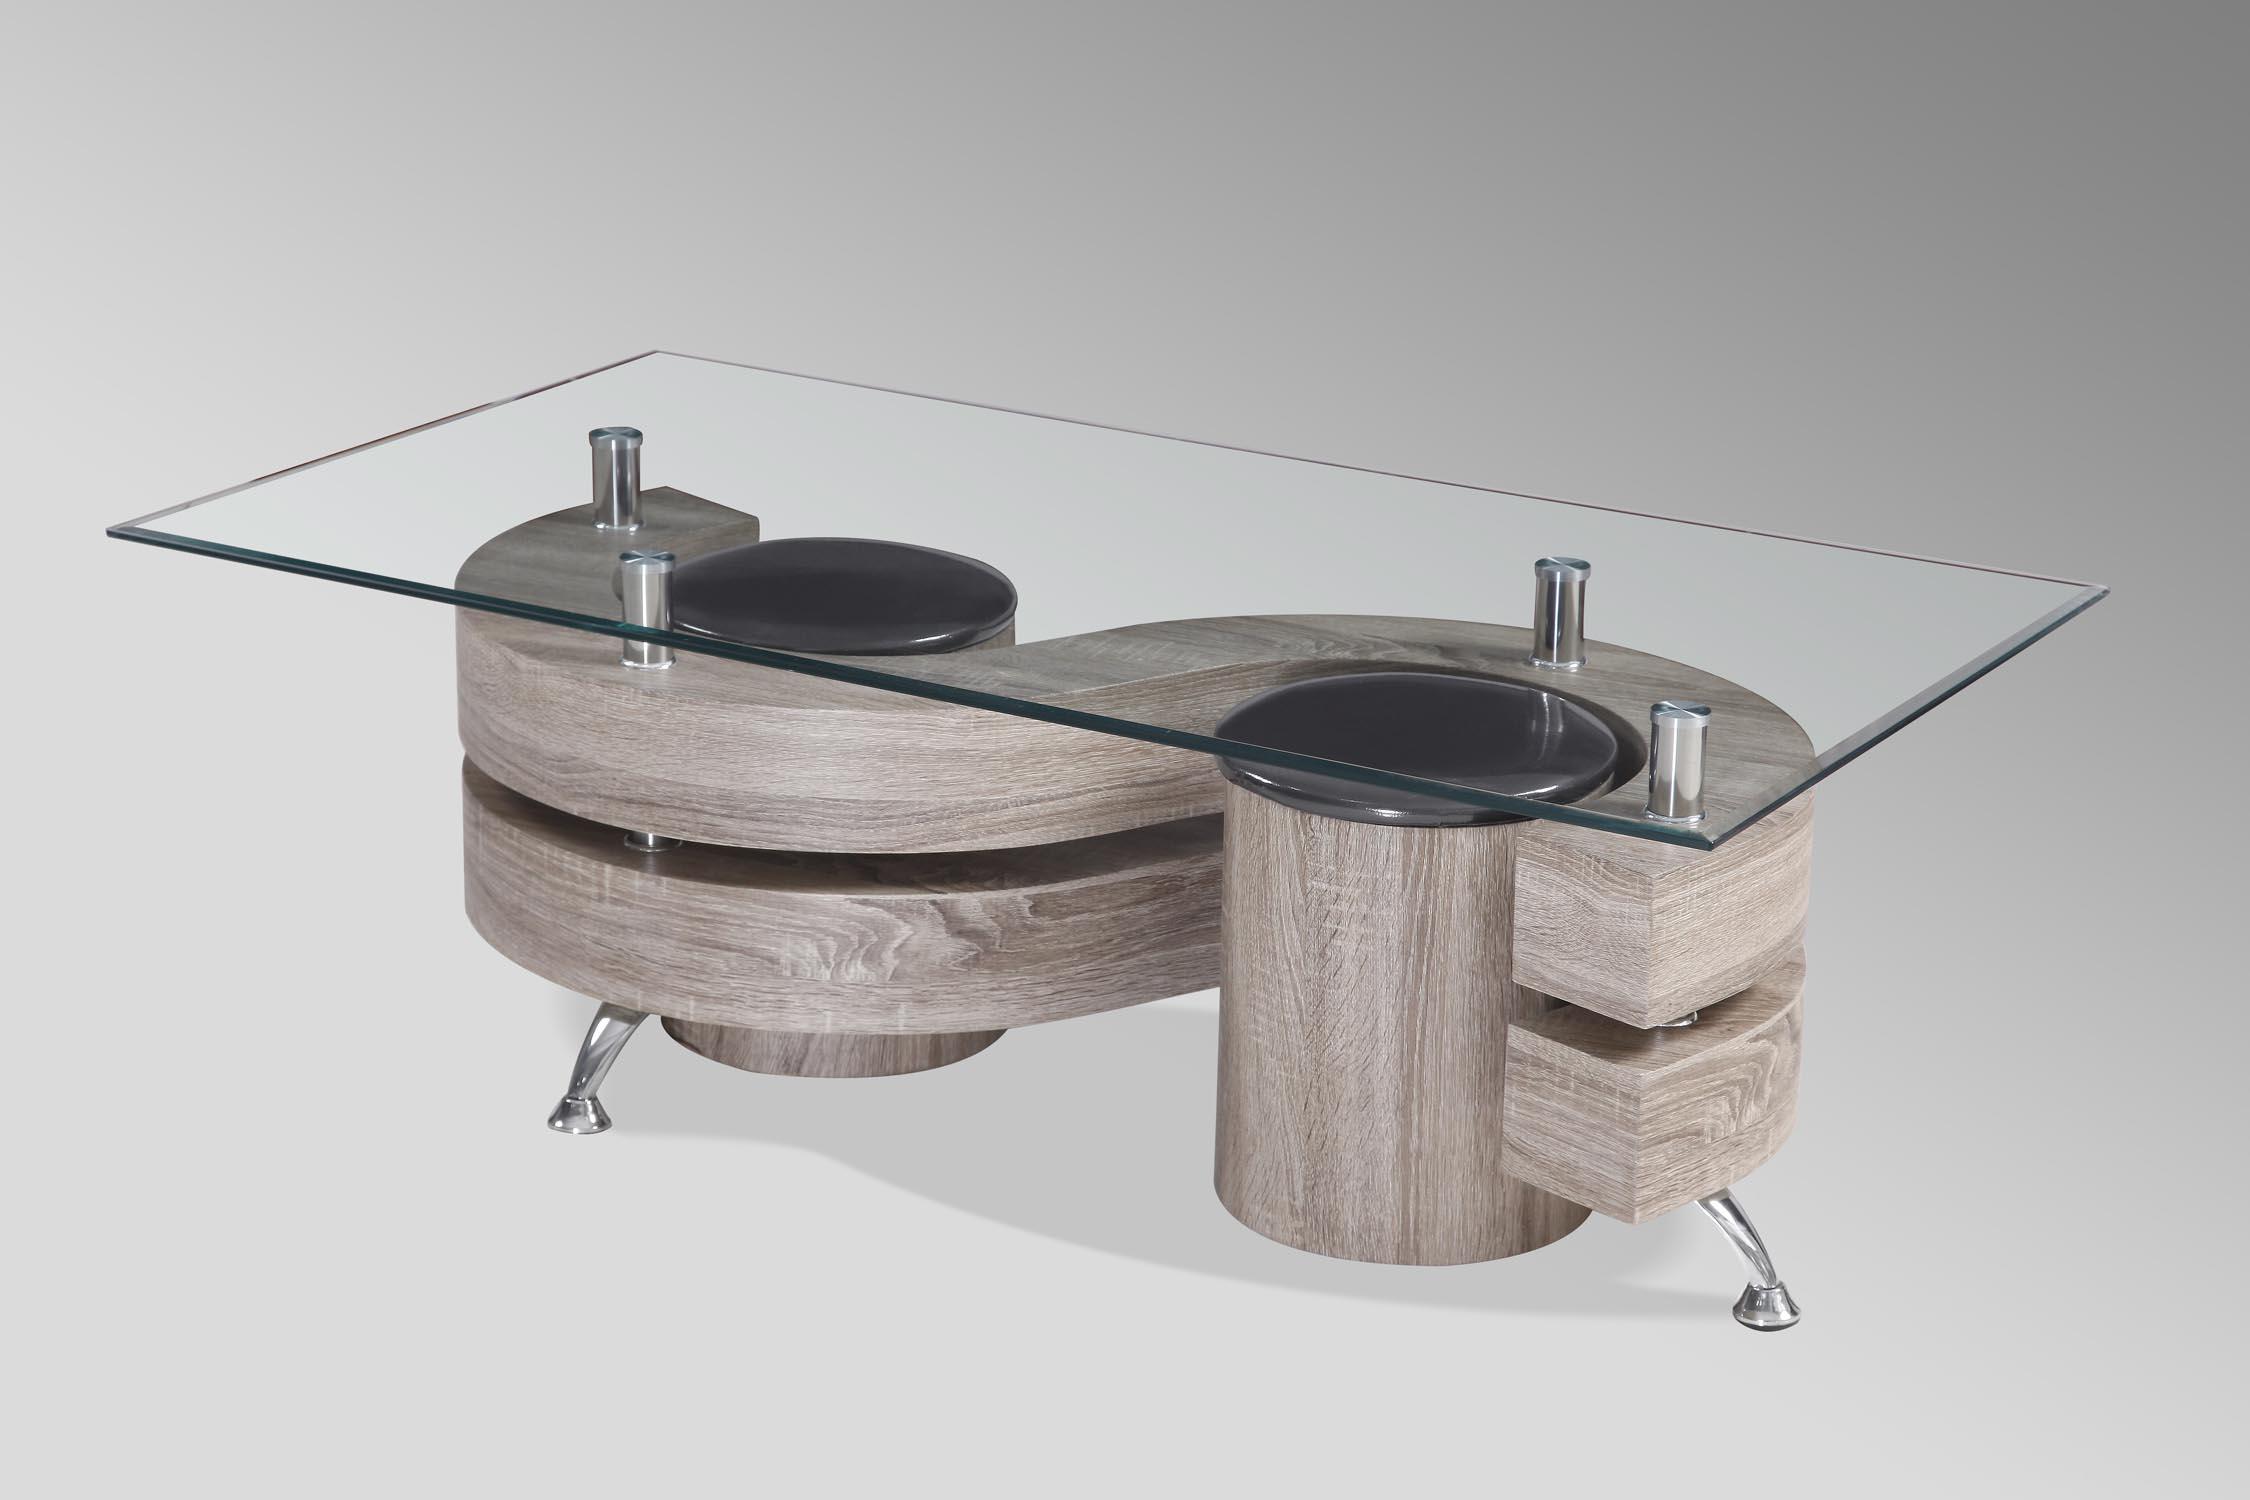 couchtisch loungetisch mit hocker tisch mod t114 eiche wei schwarz hochglanz ebay. Black Bedroom Furniture Sets. Home Design Ideas